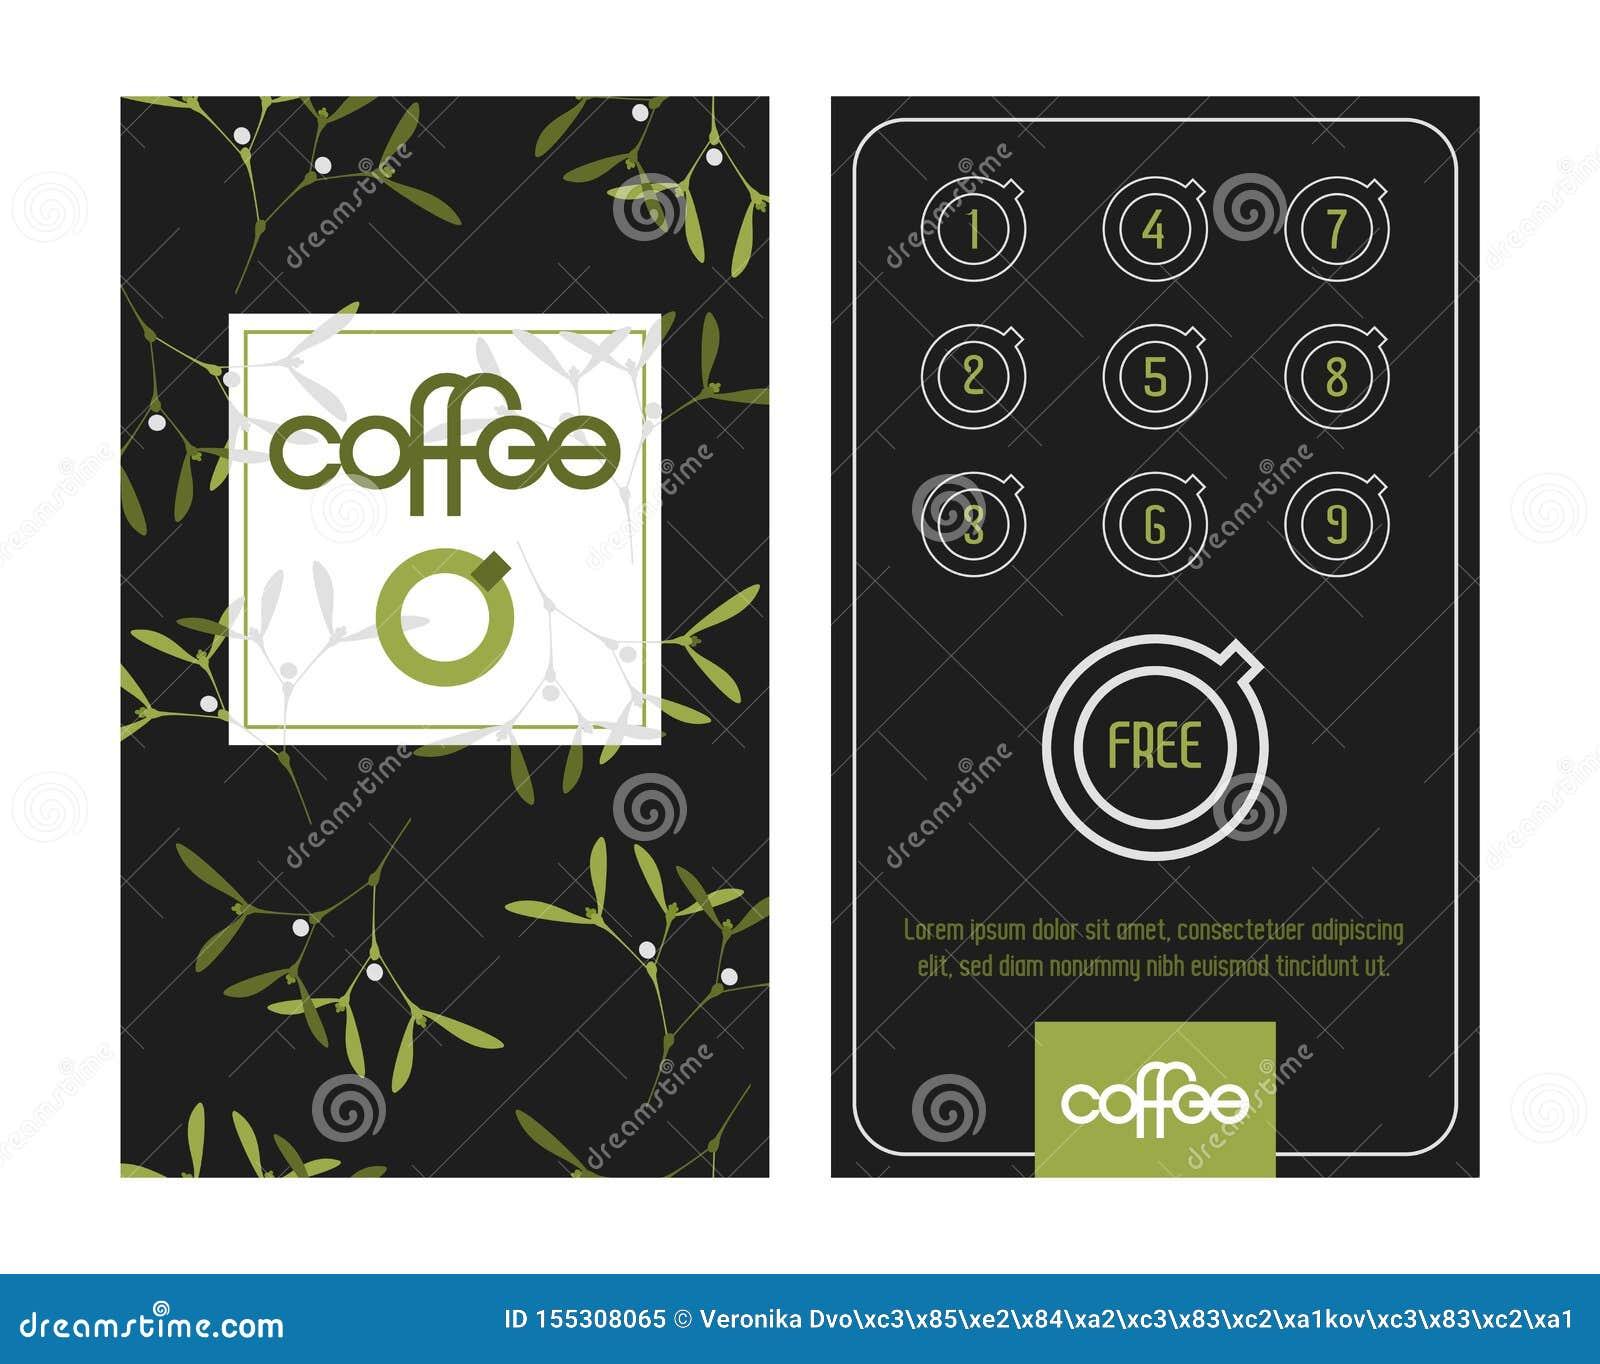 Κάρτα καφέ πίστης Πρότυπο στη διάθεση Χριστουγέννων με τα γκι